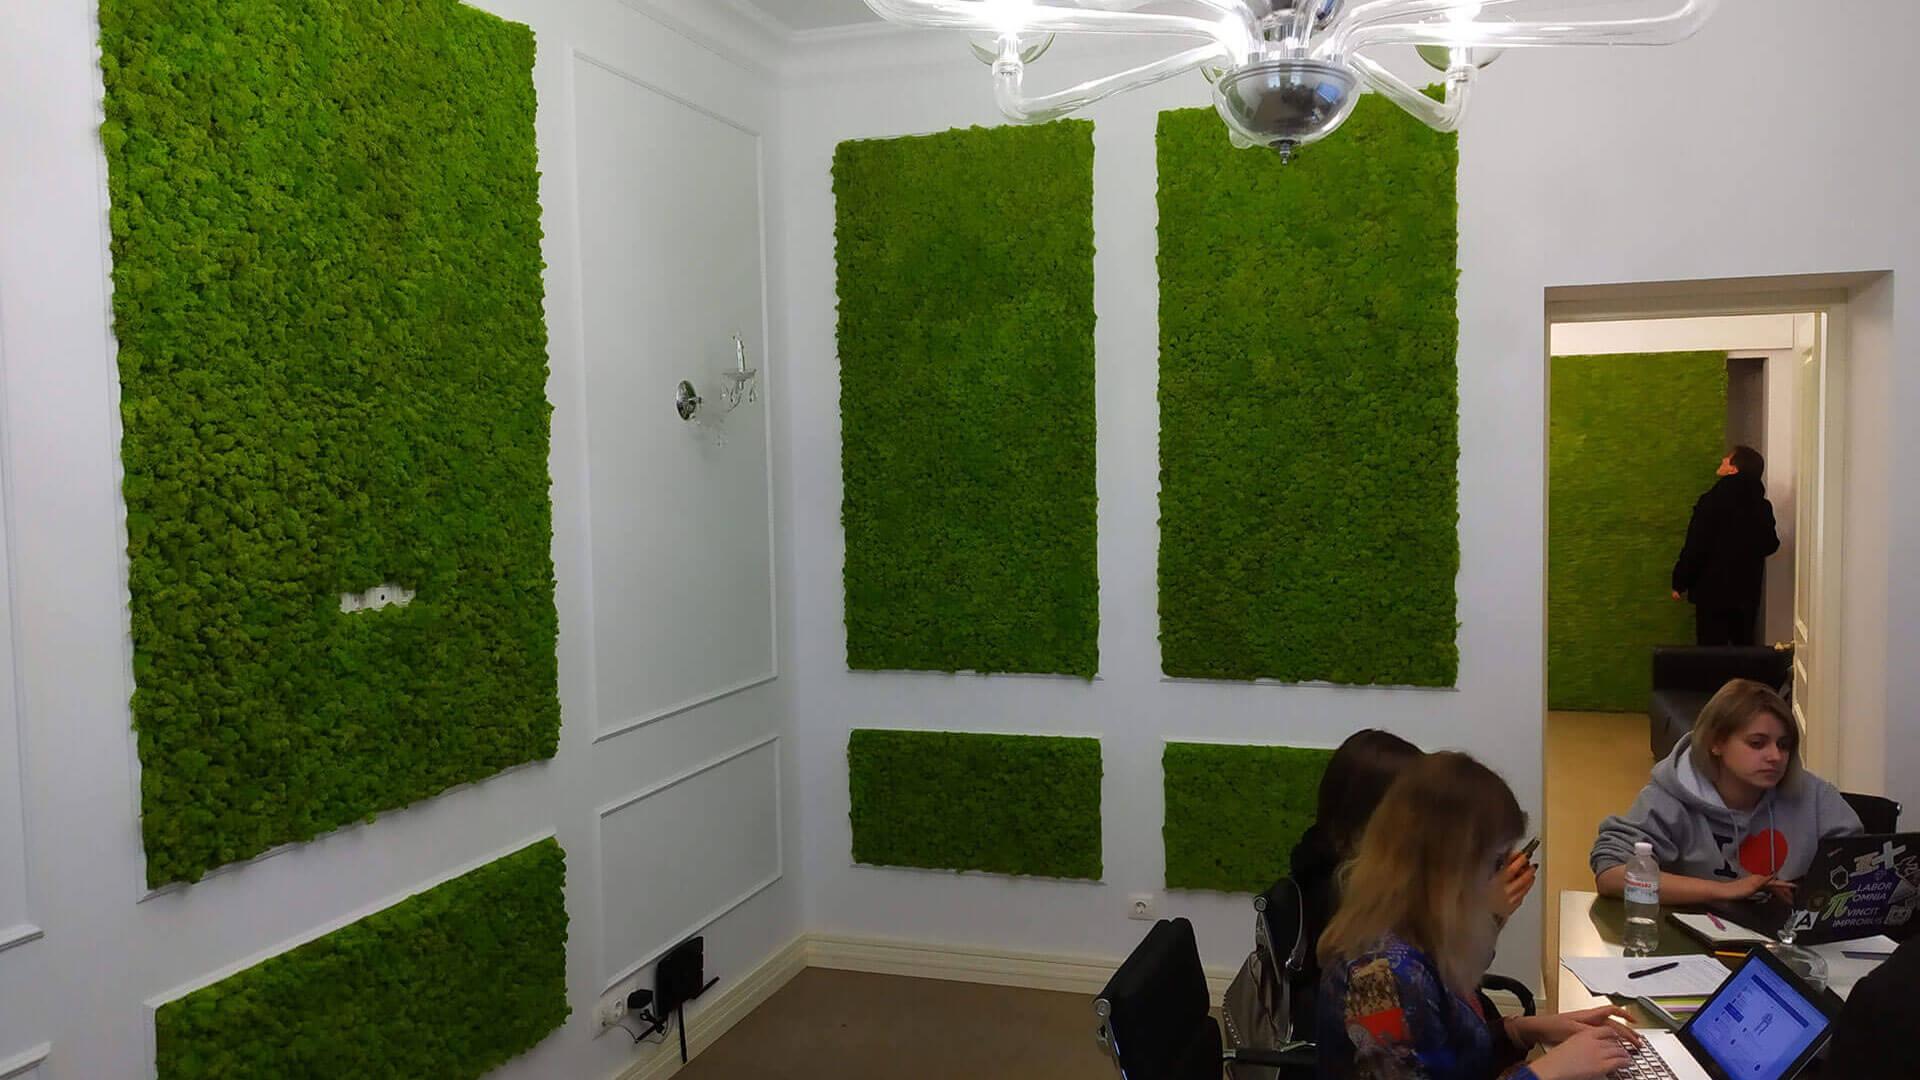 Озеленение офиса панелями со стабилизированным мхом, г. Харьков